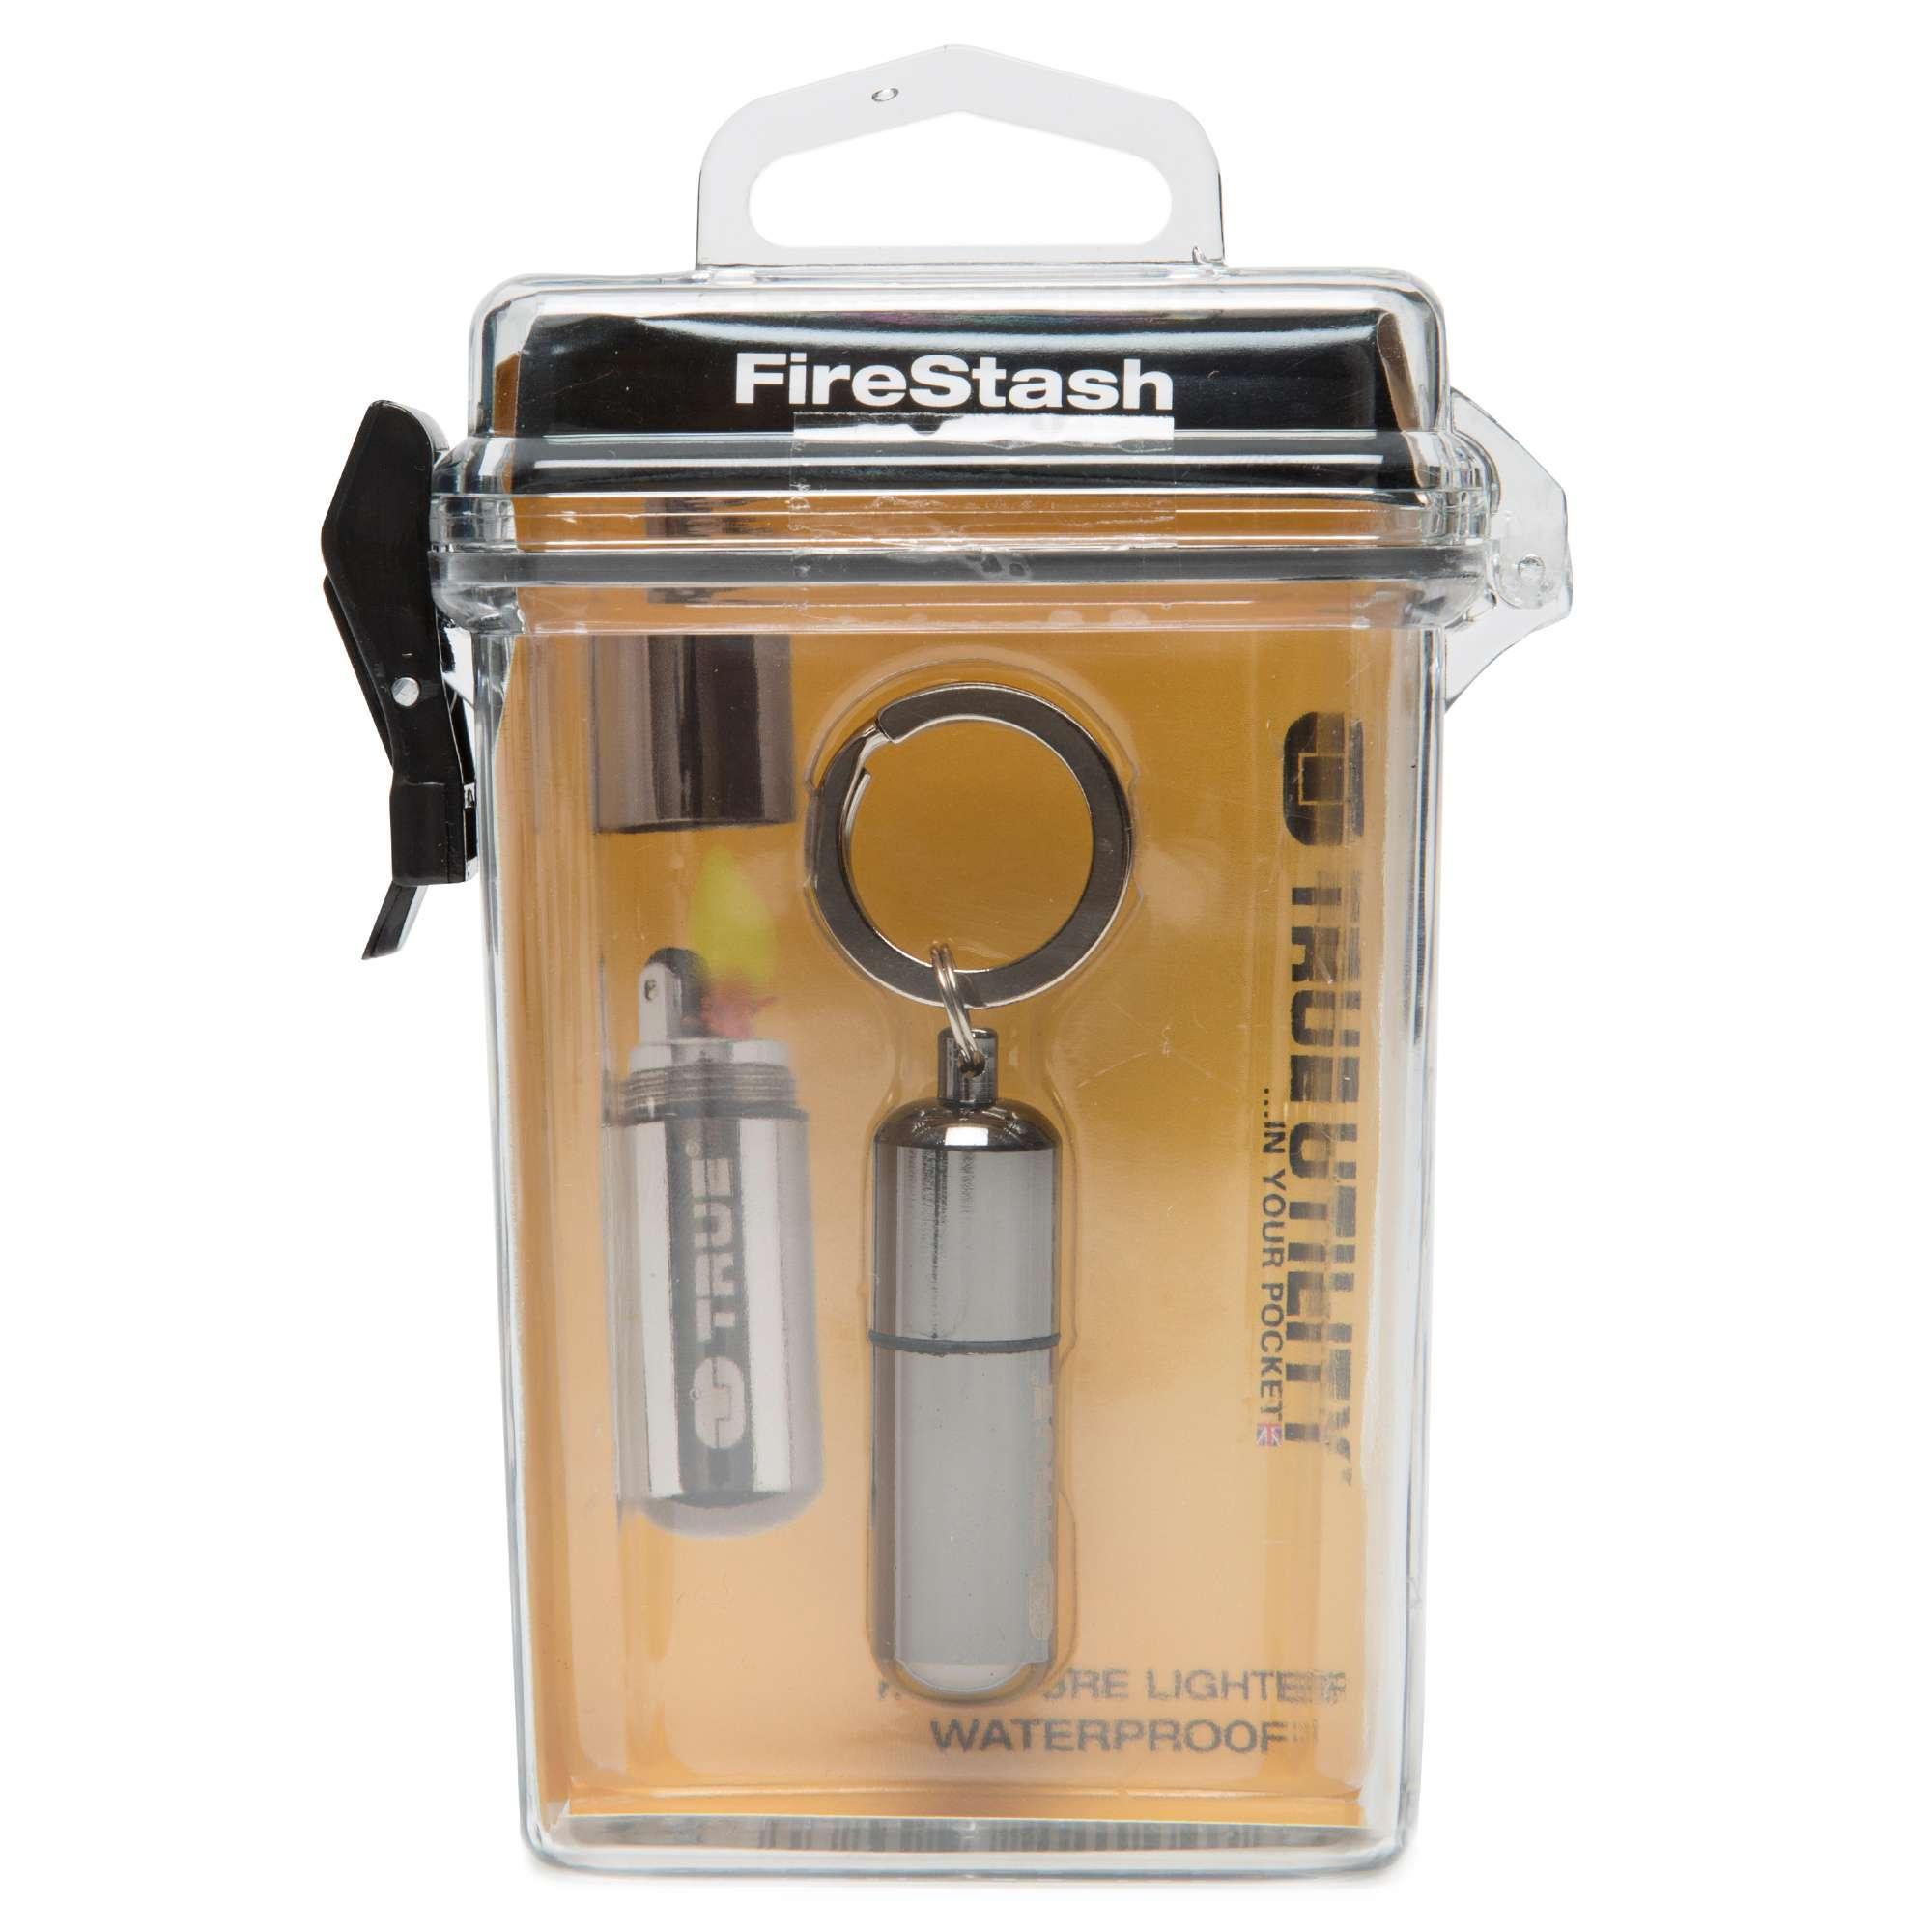 TRUE UTILITY Firestash Miniature Waterproof Lighter